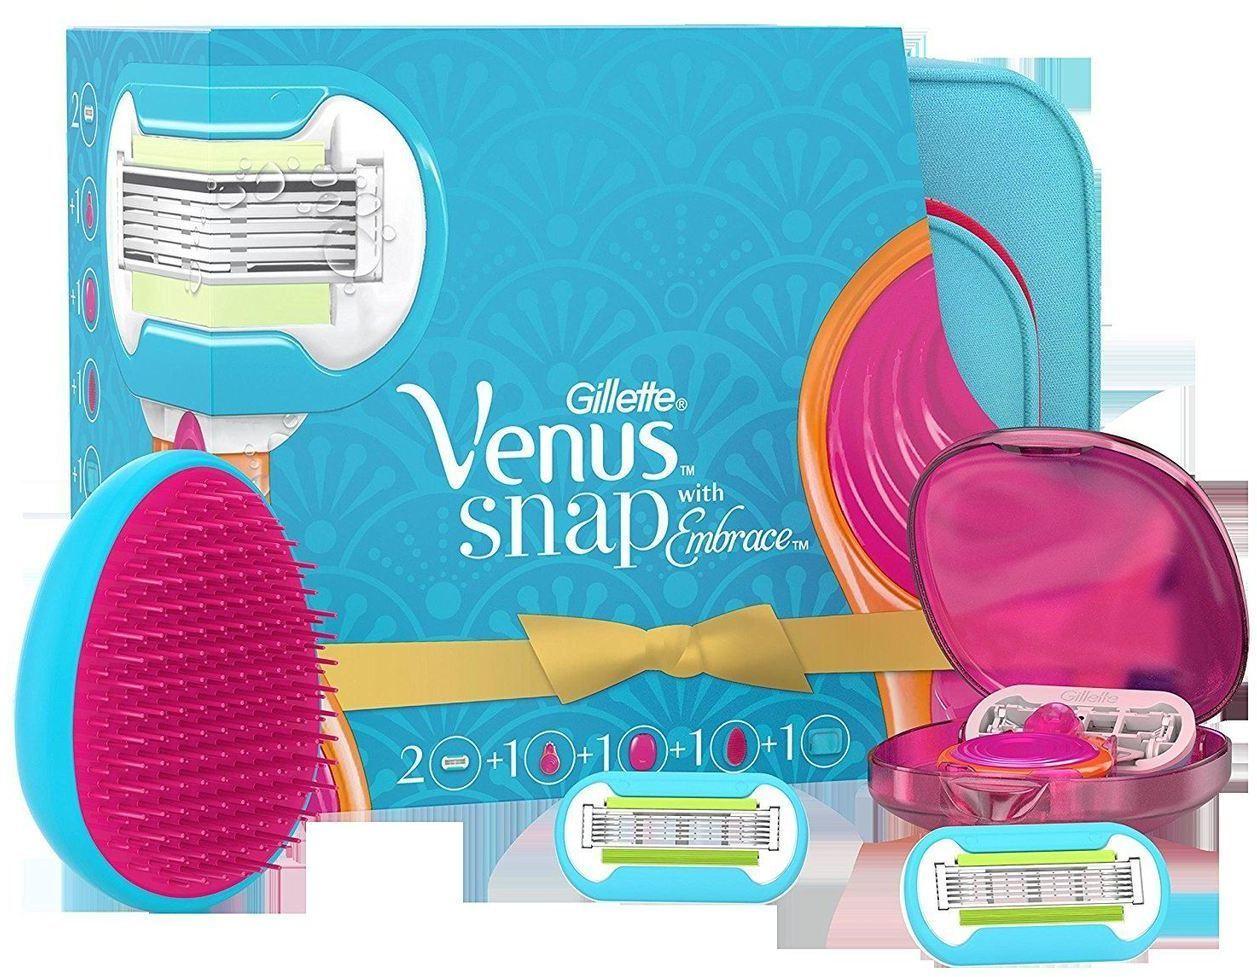 Gillette 81628607 Venus Snap Gift Set